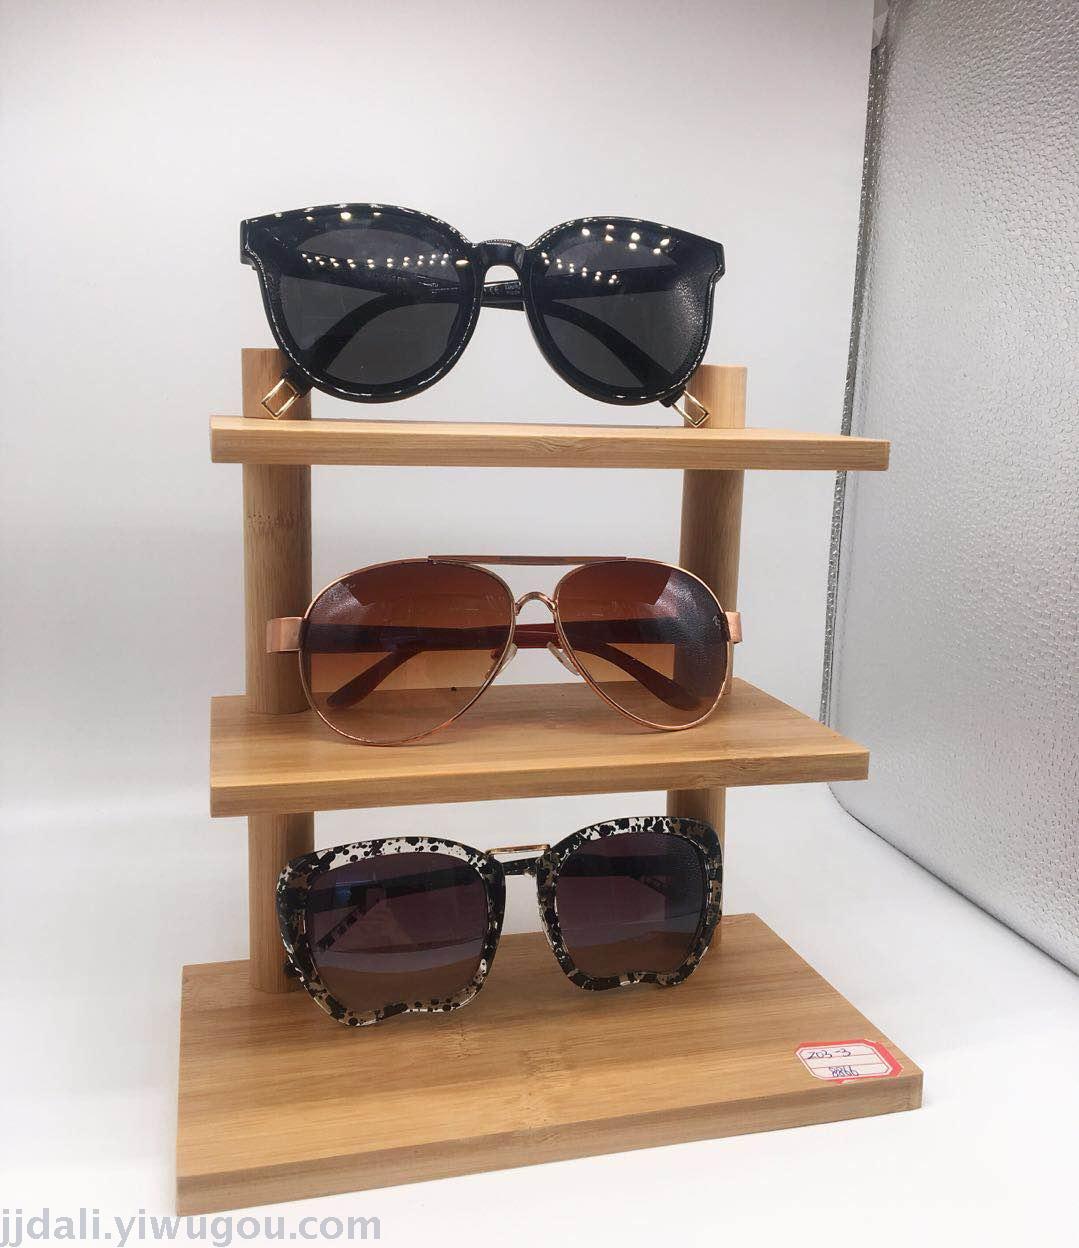 义乌好货 眼镜展示架 竹子制作眼镜摆放架子